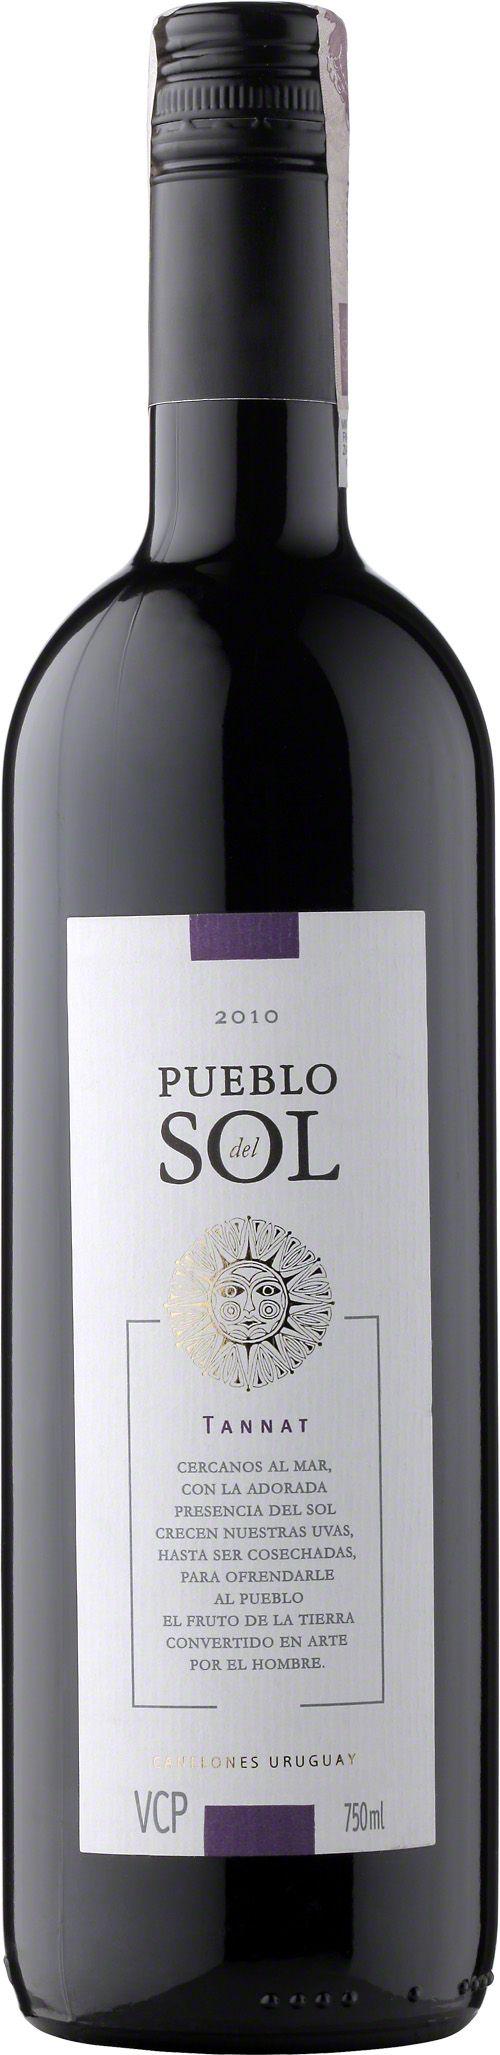 Pueblo del Sol Tannat Wino o intensywnym rubinowym kolorze z dominującymi aromatami bogatych, czerwonych owoców. Wino dobrze zbudowane, a także aksamitne. #PuebloDelSol #Tannat #Urugwaj #Tannat #Wino #Winezja